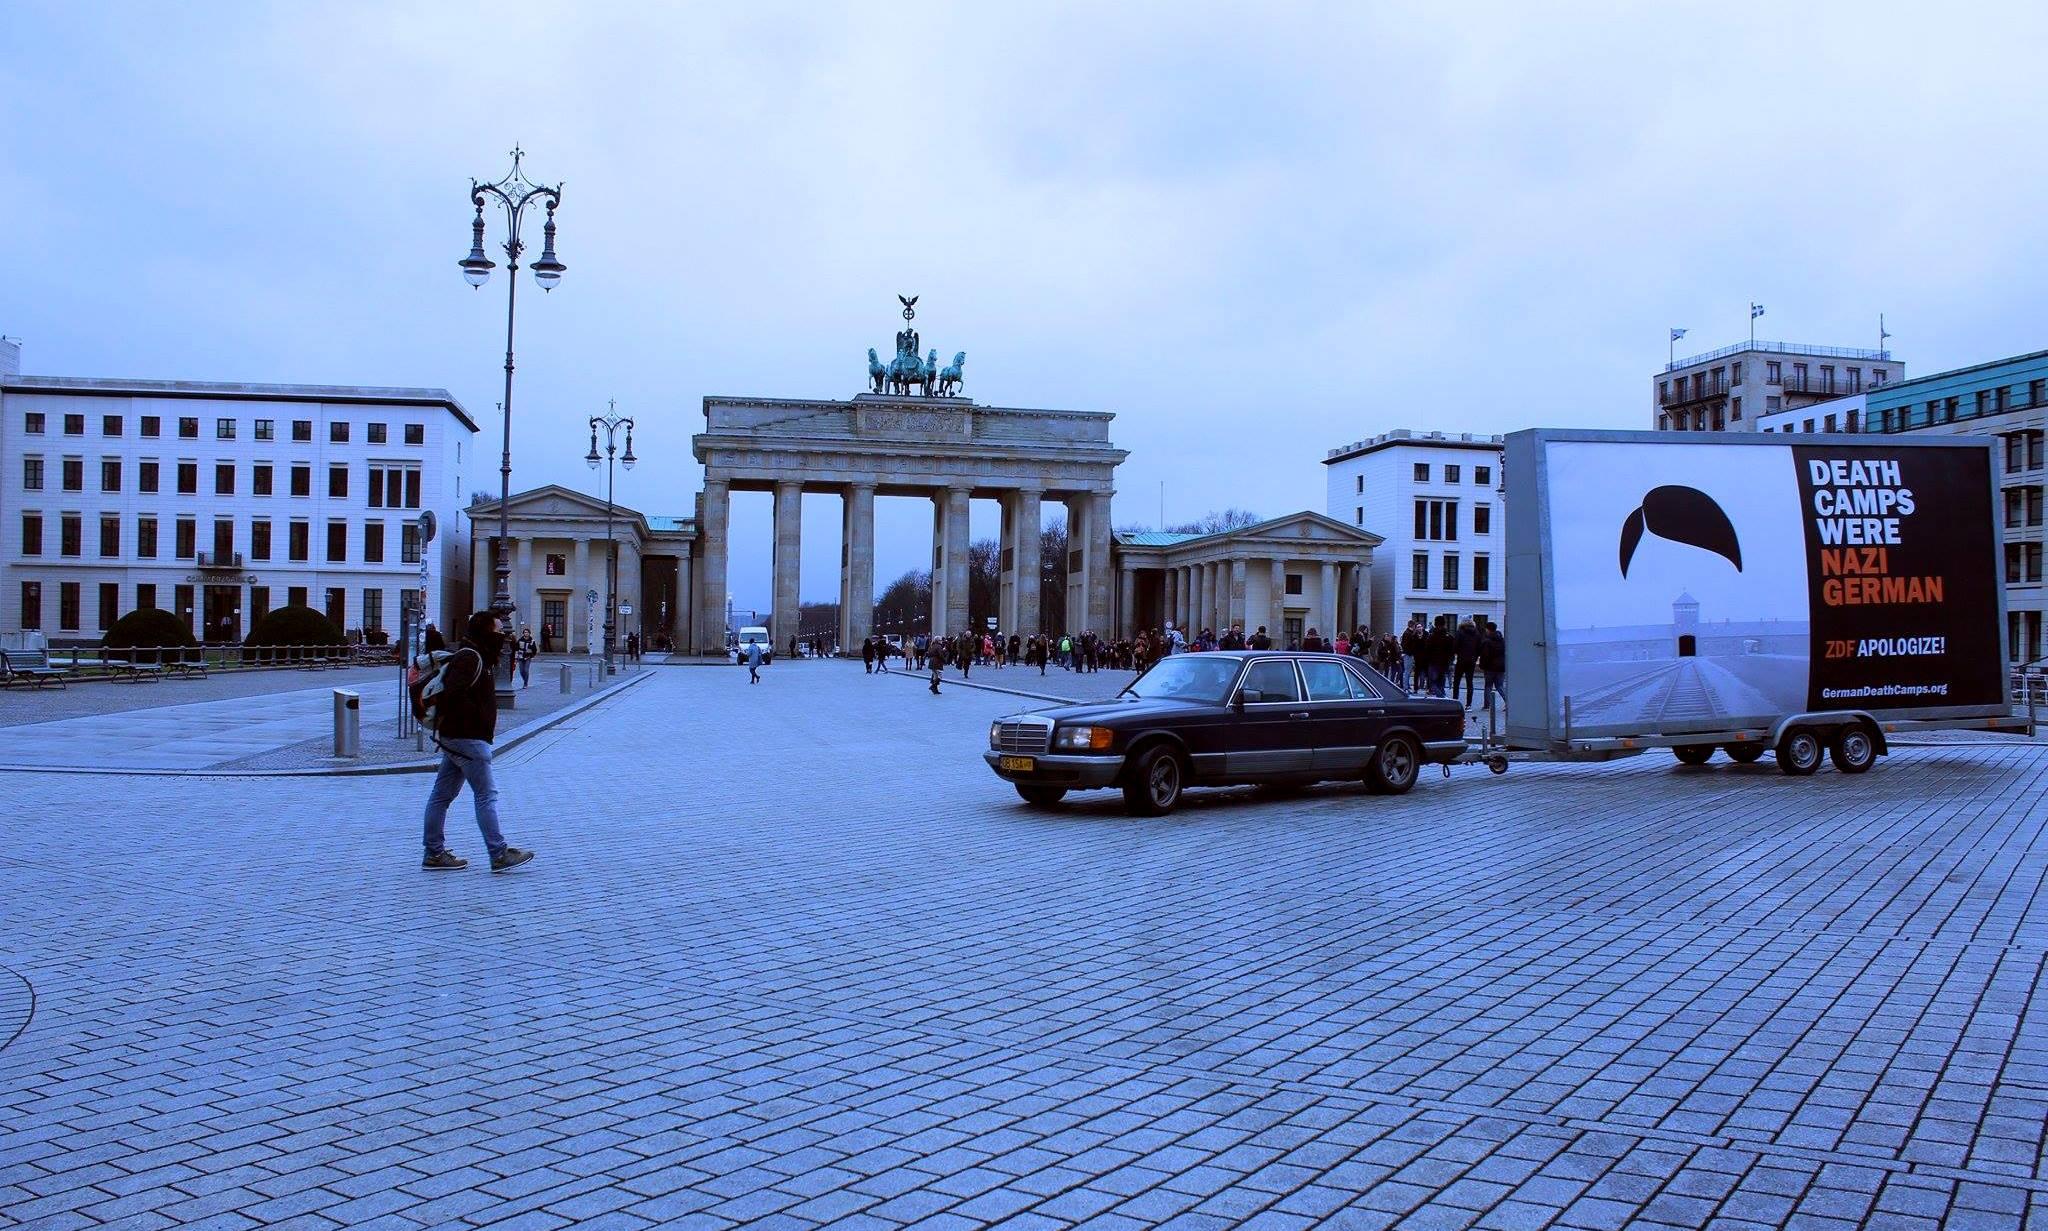 german-death-camps